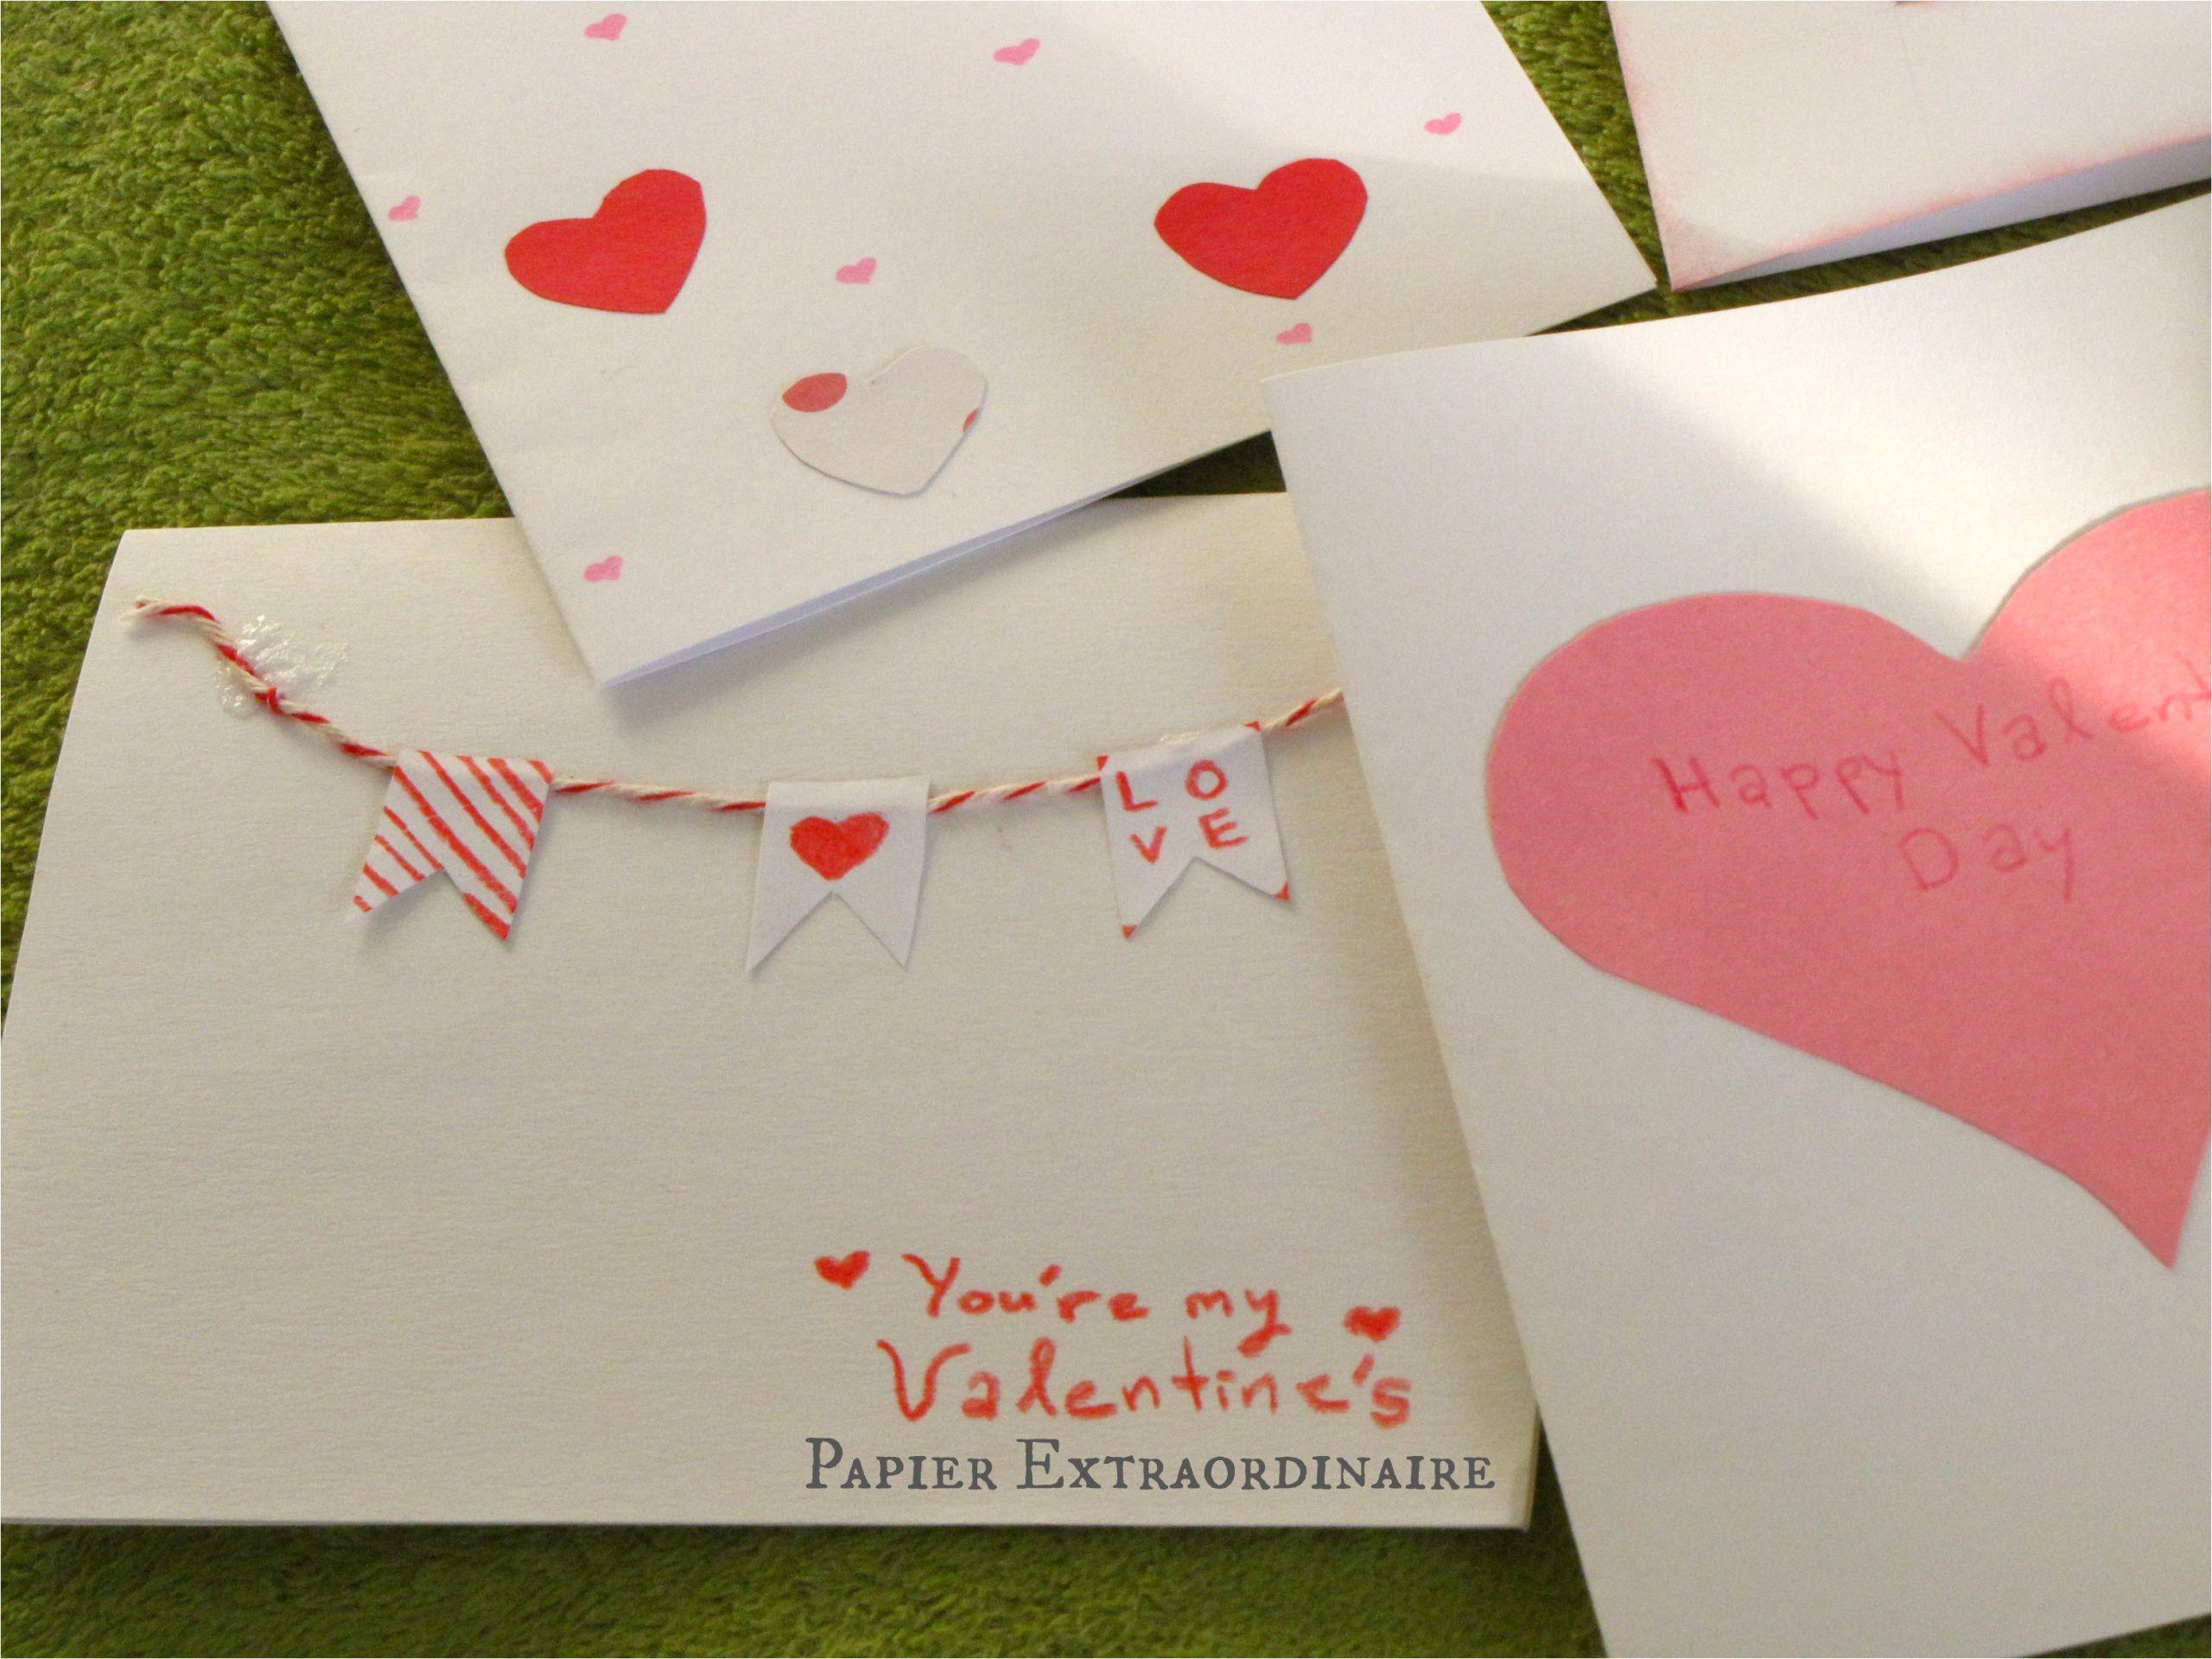 audrey valentine5 jpg